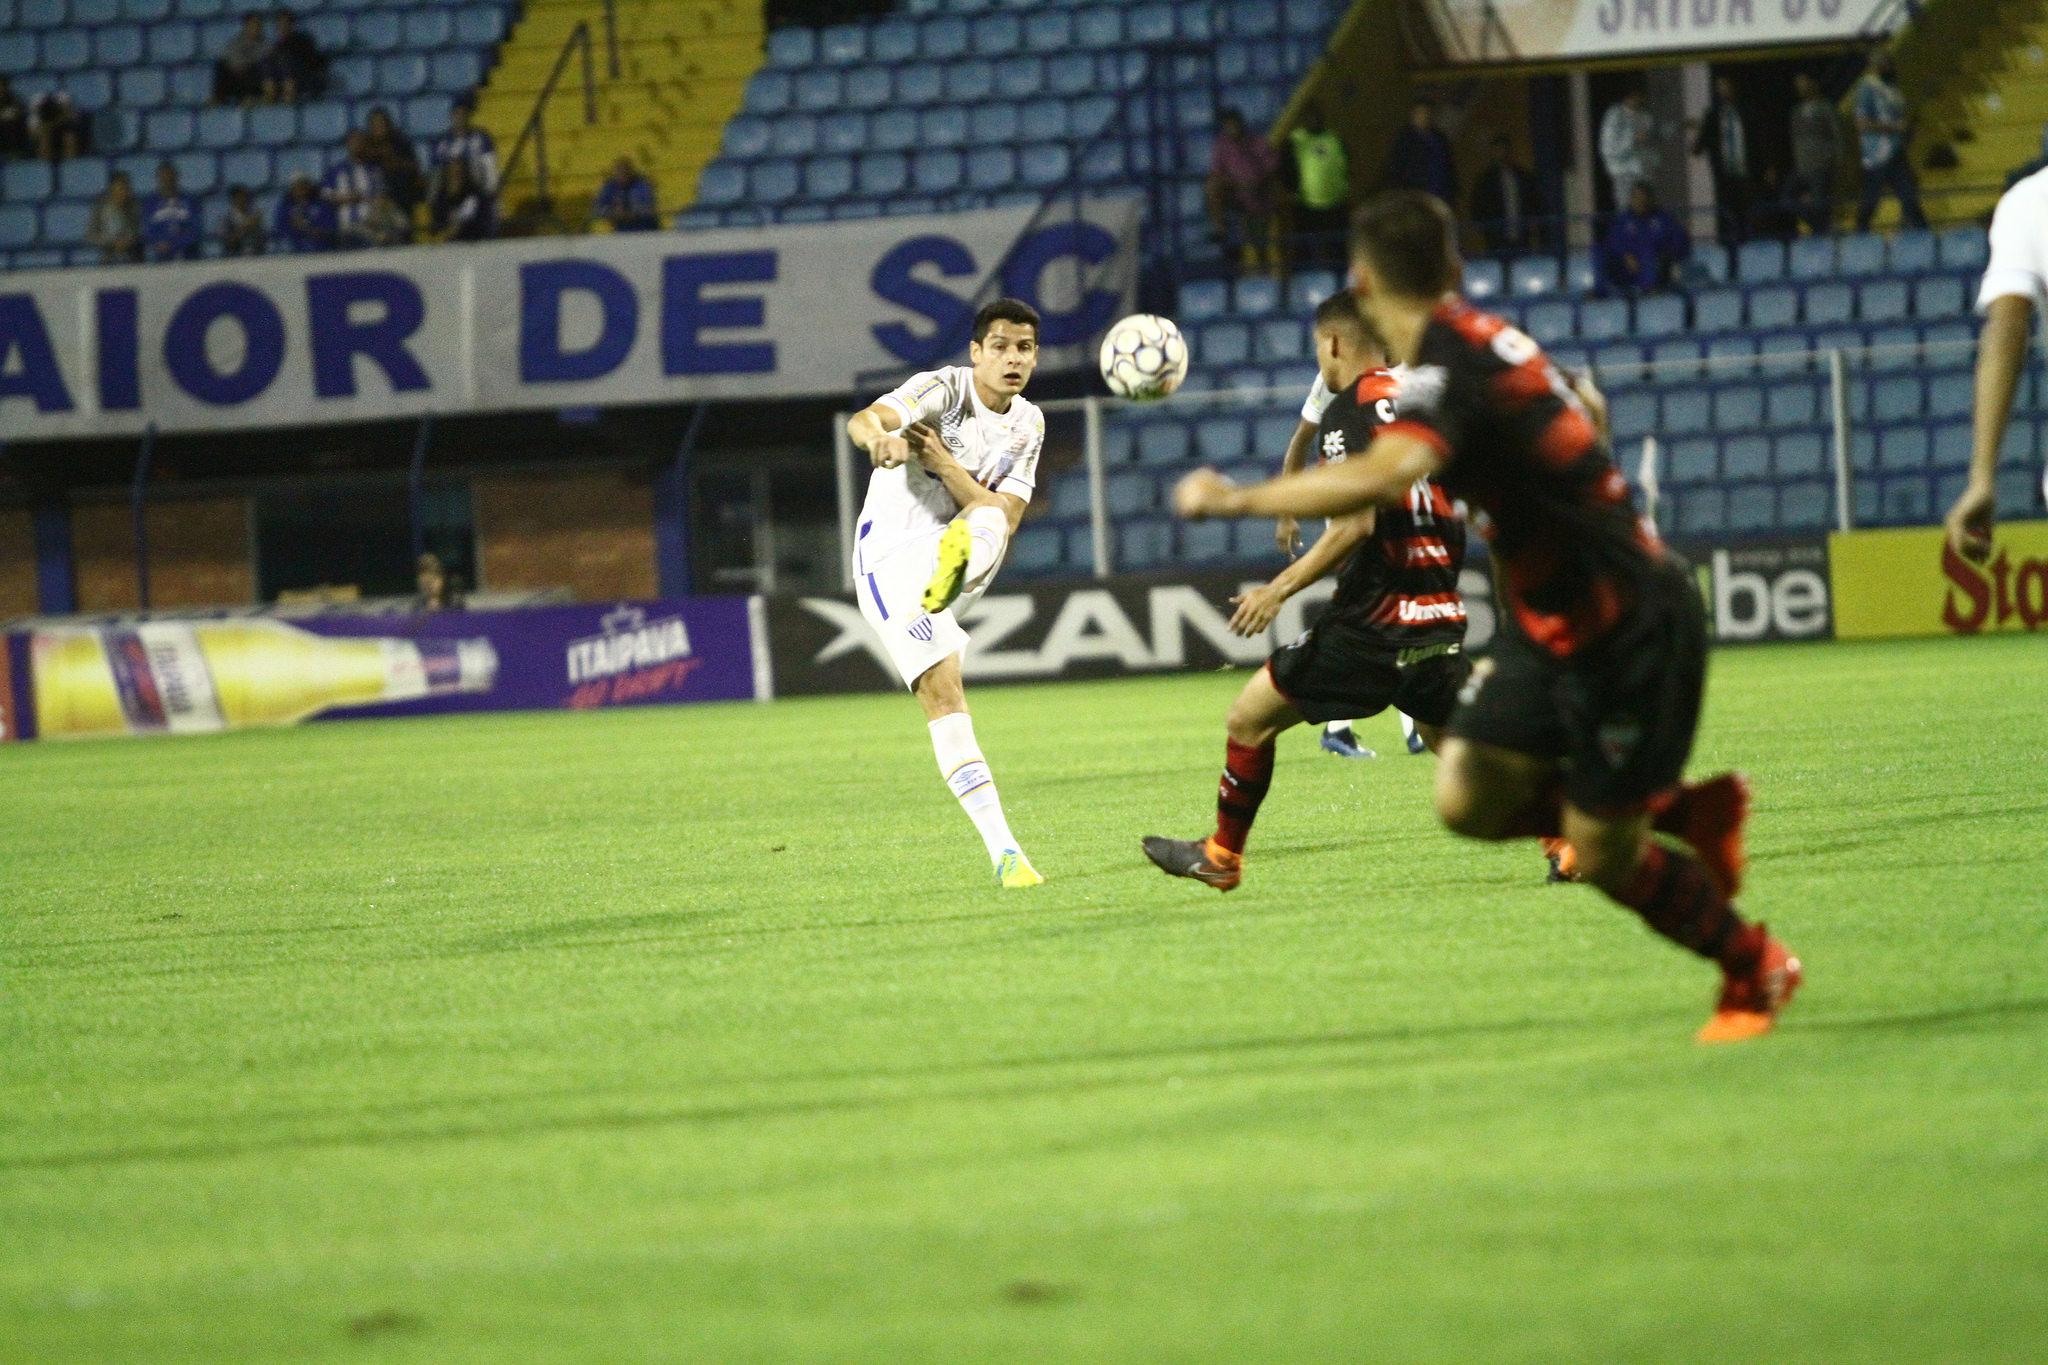 Com sequência de jogos no Avaí, Matheus Barbosa quer fazer de 2018 sua temporada com mais partidas na carreira